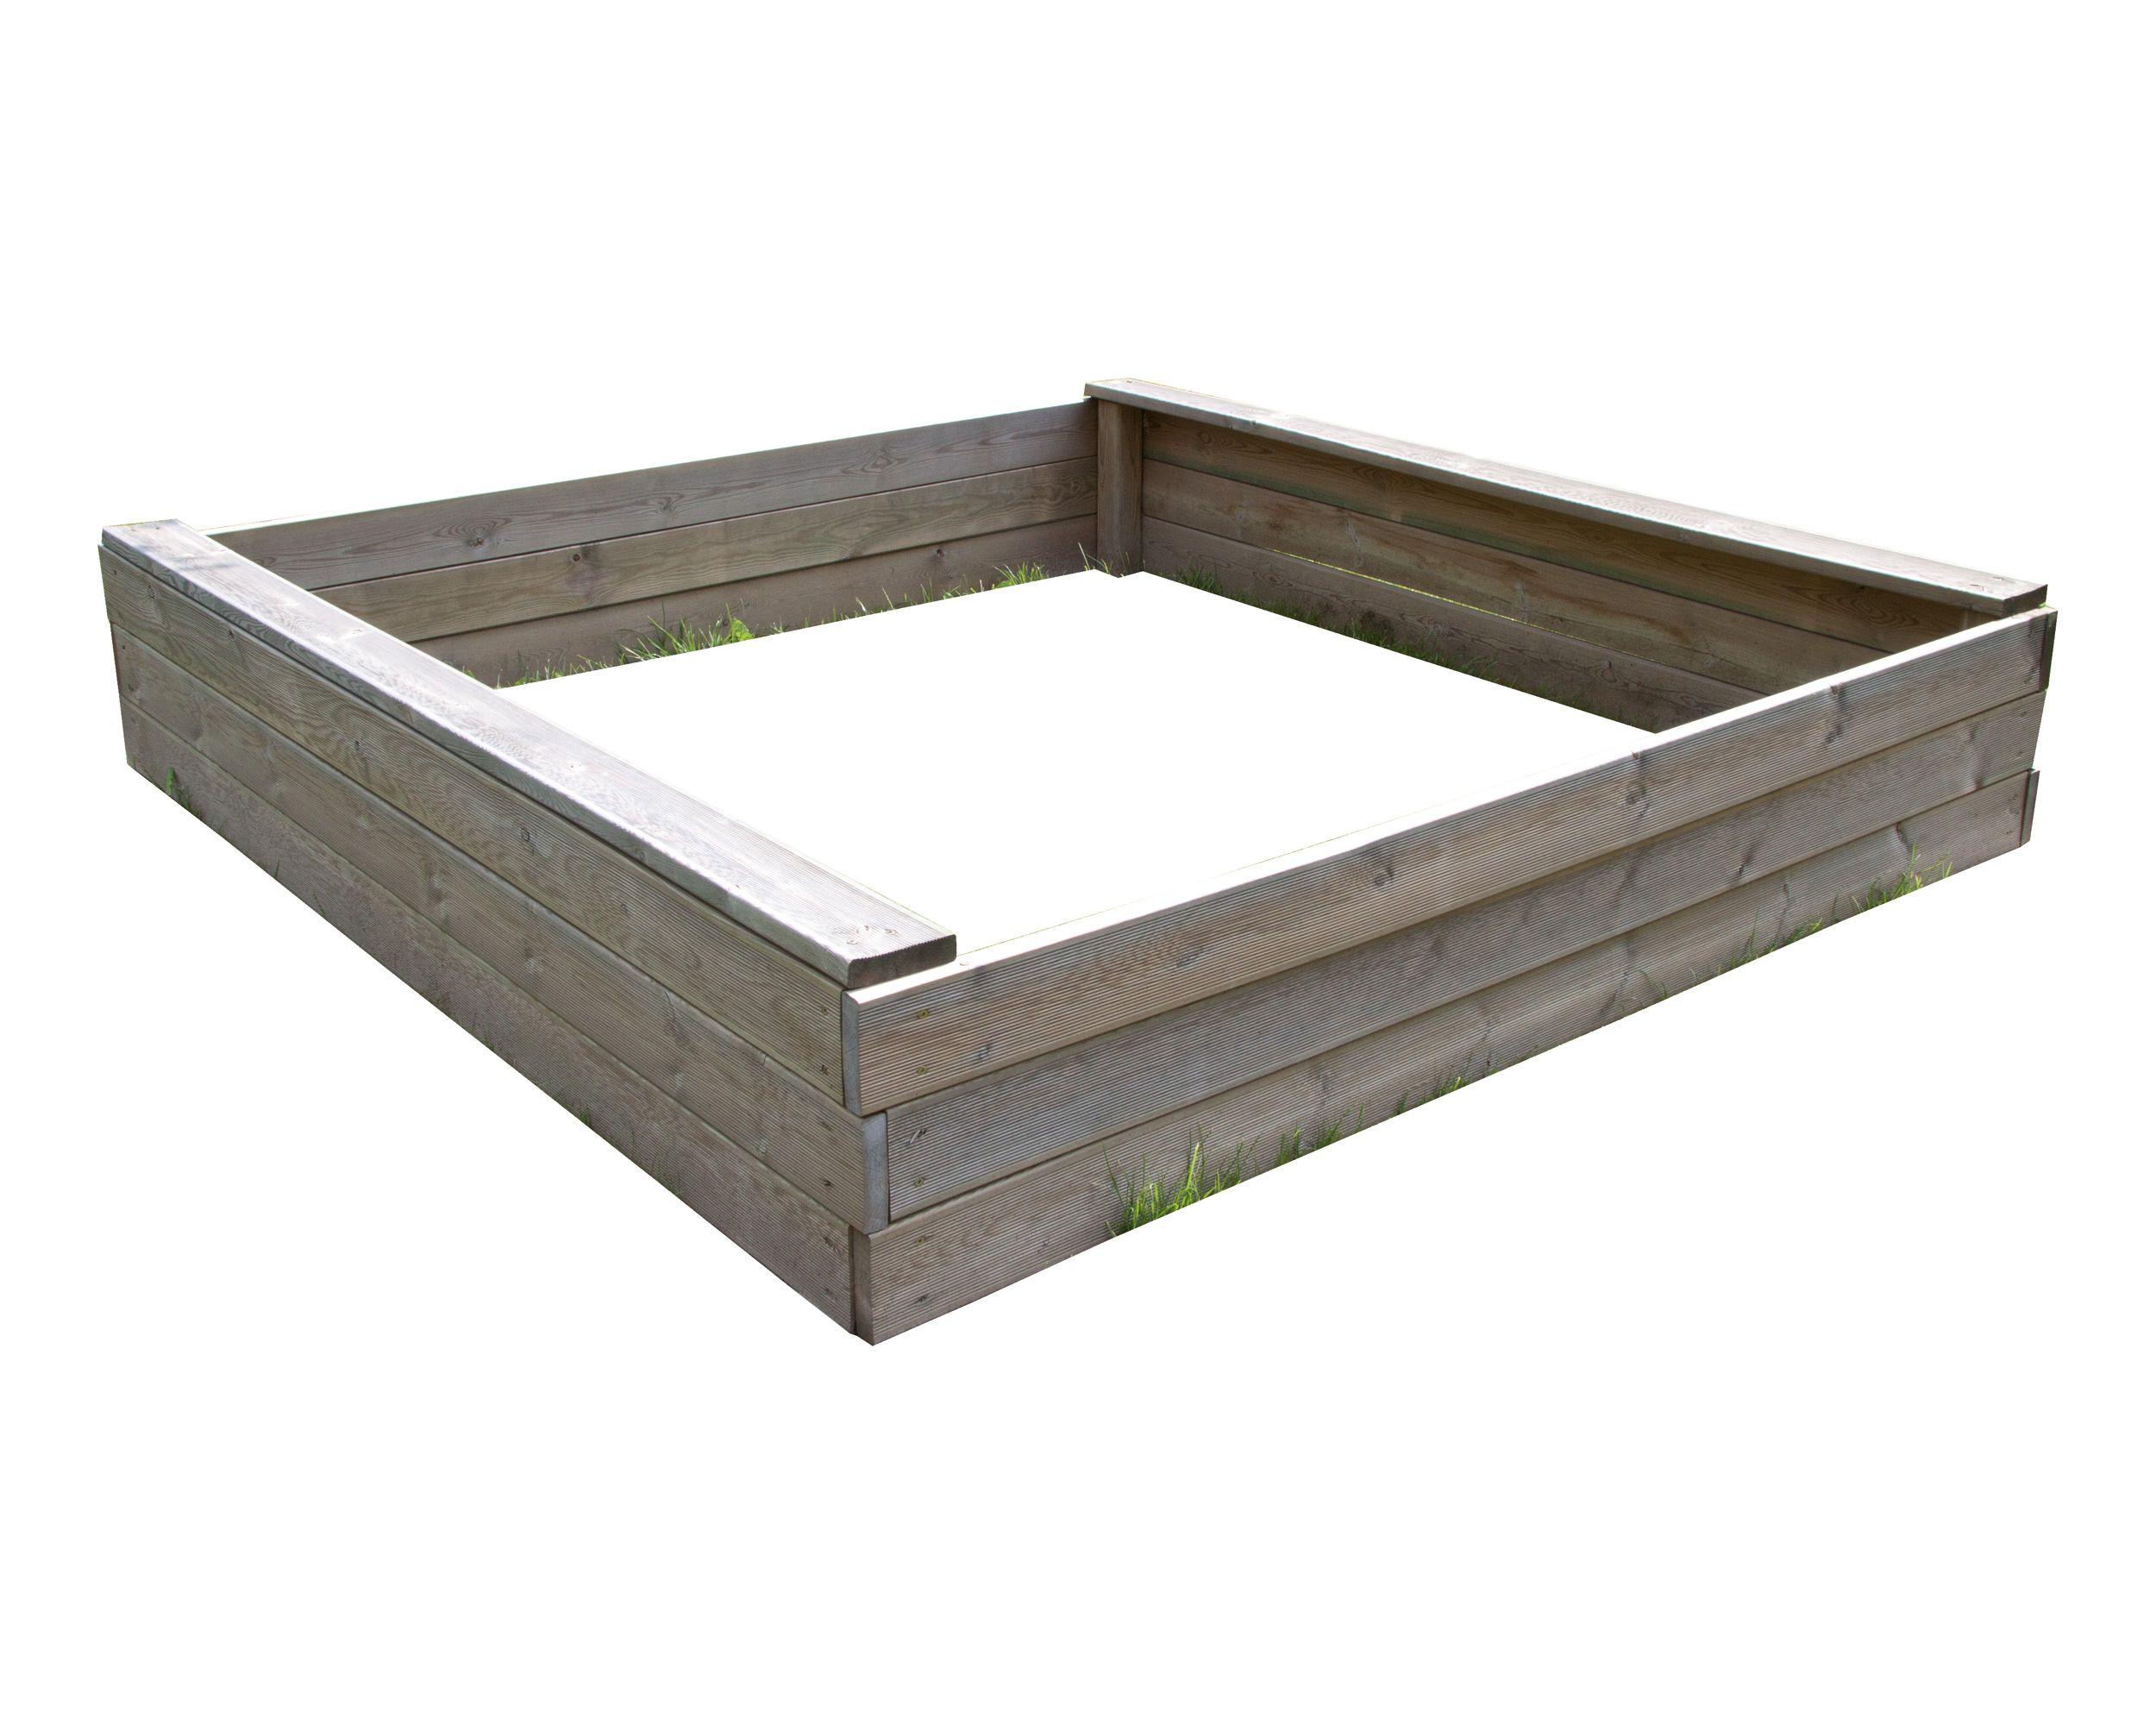 Sandkasten, 153x153x39 cm